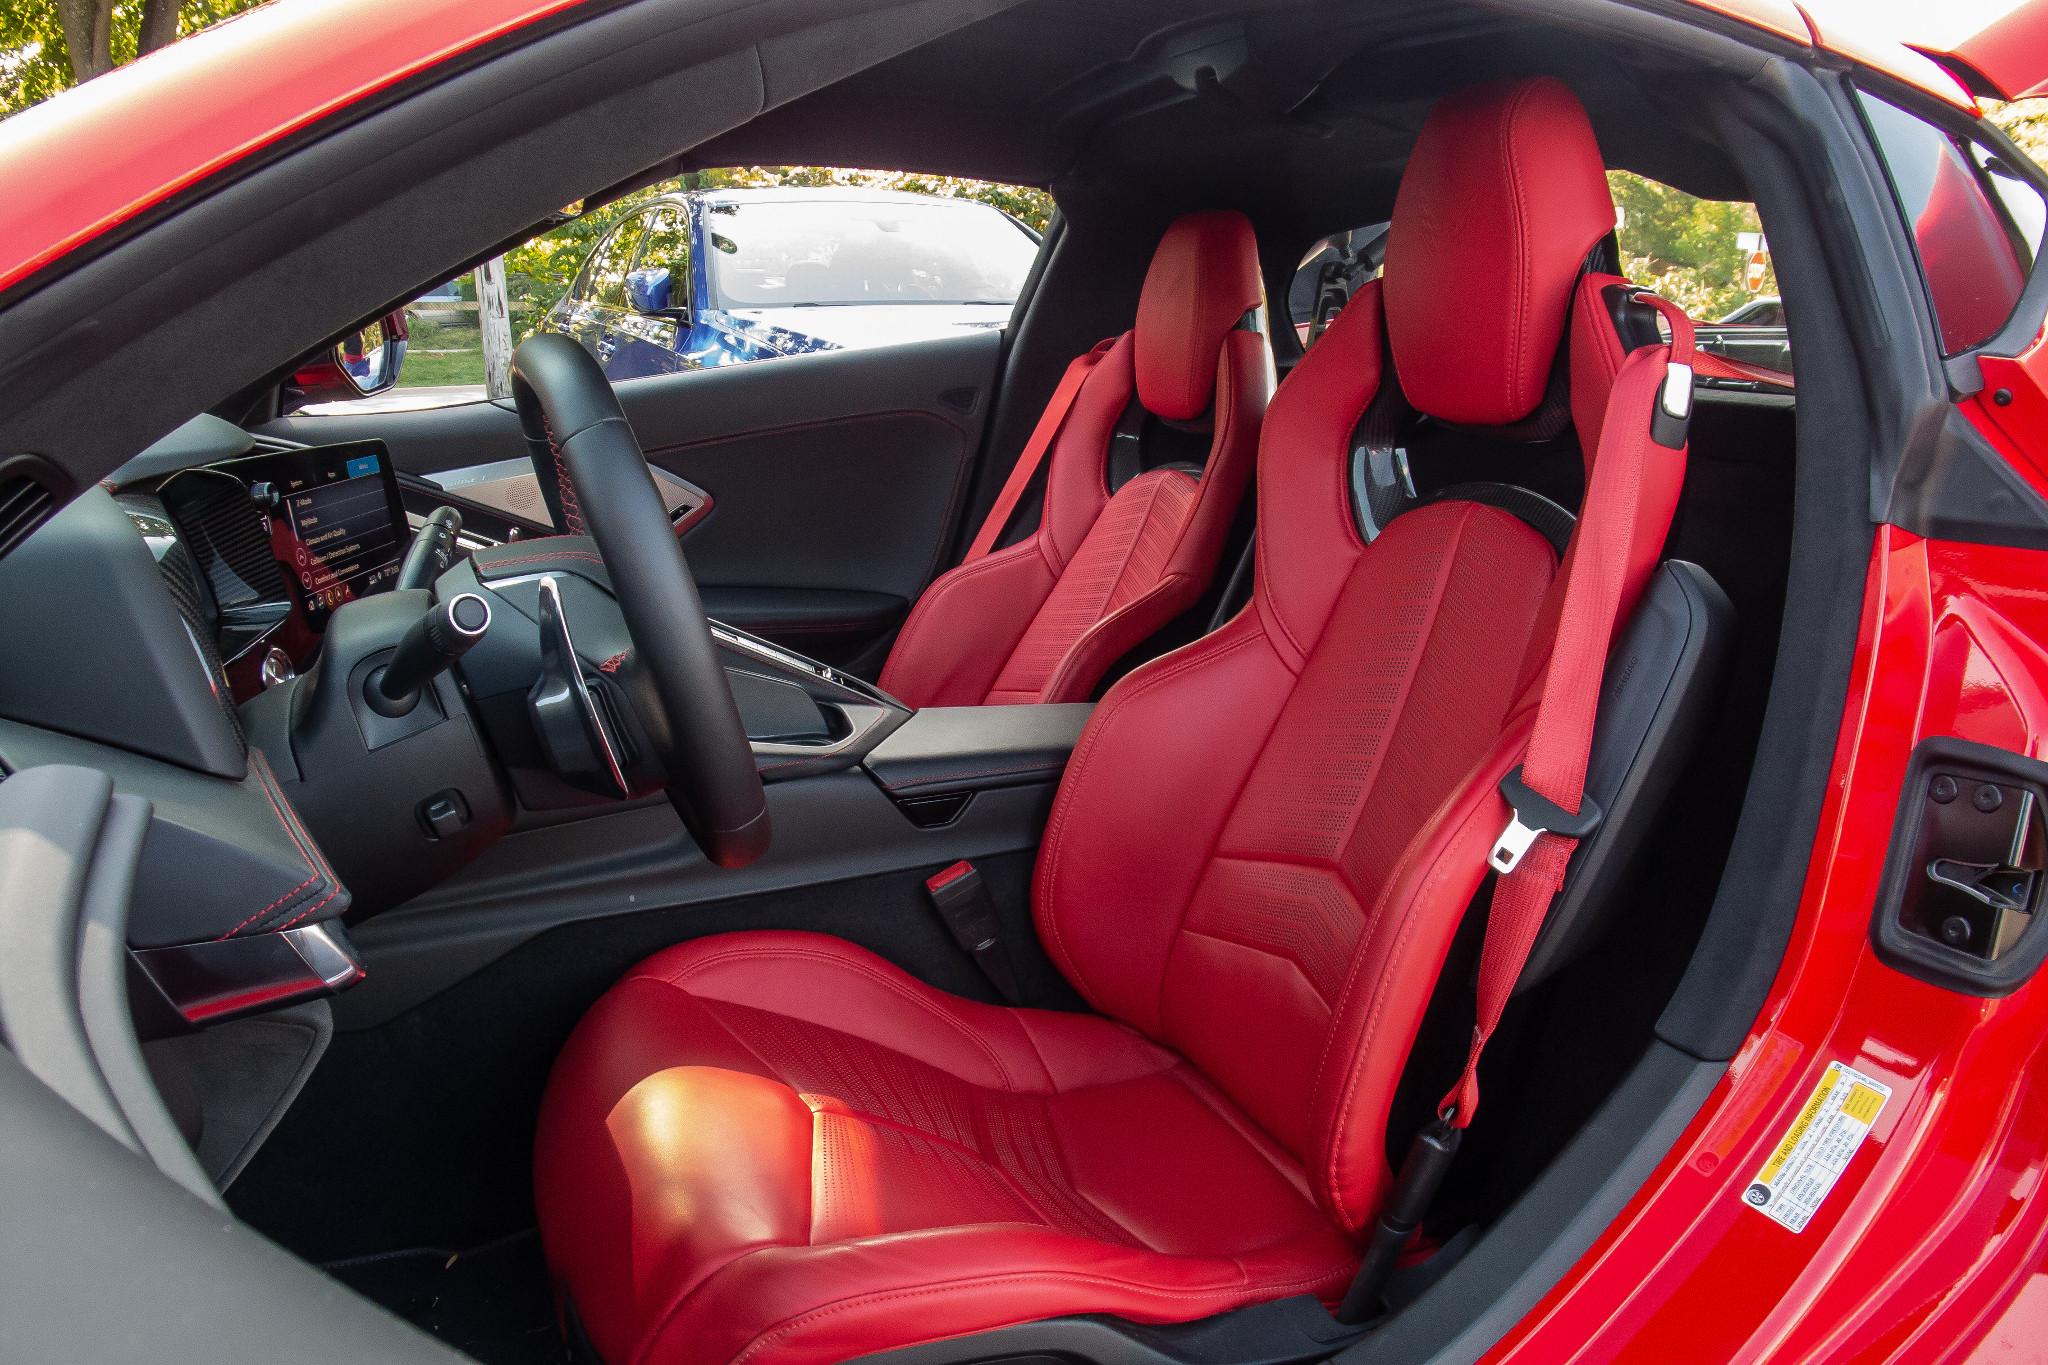 chevrolet-corvette-z51-2020-13-front-row--interior--red--seat--upholstery.jpg